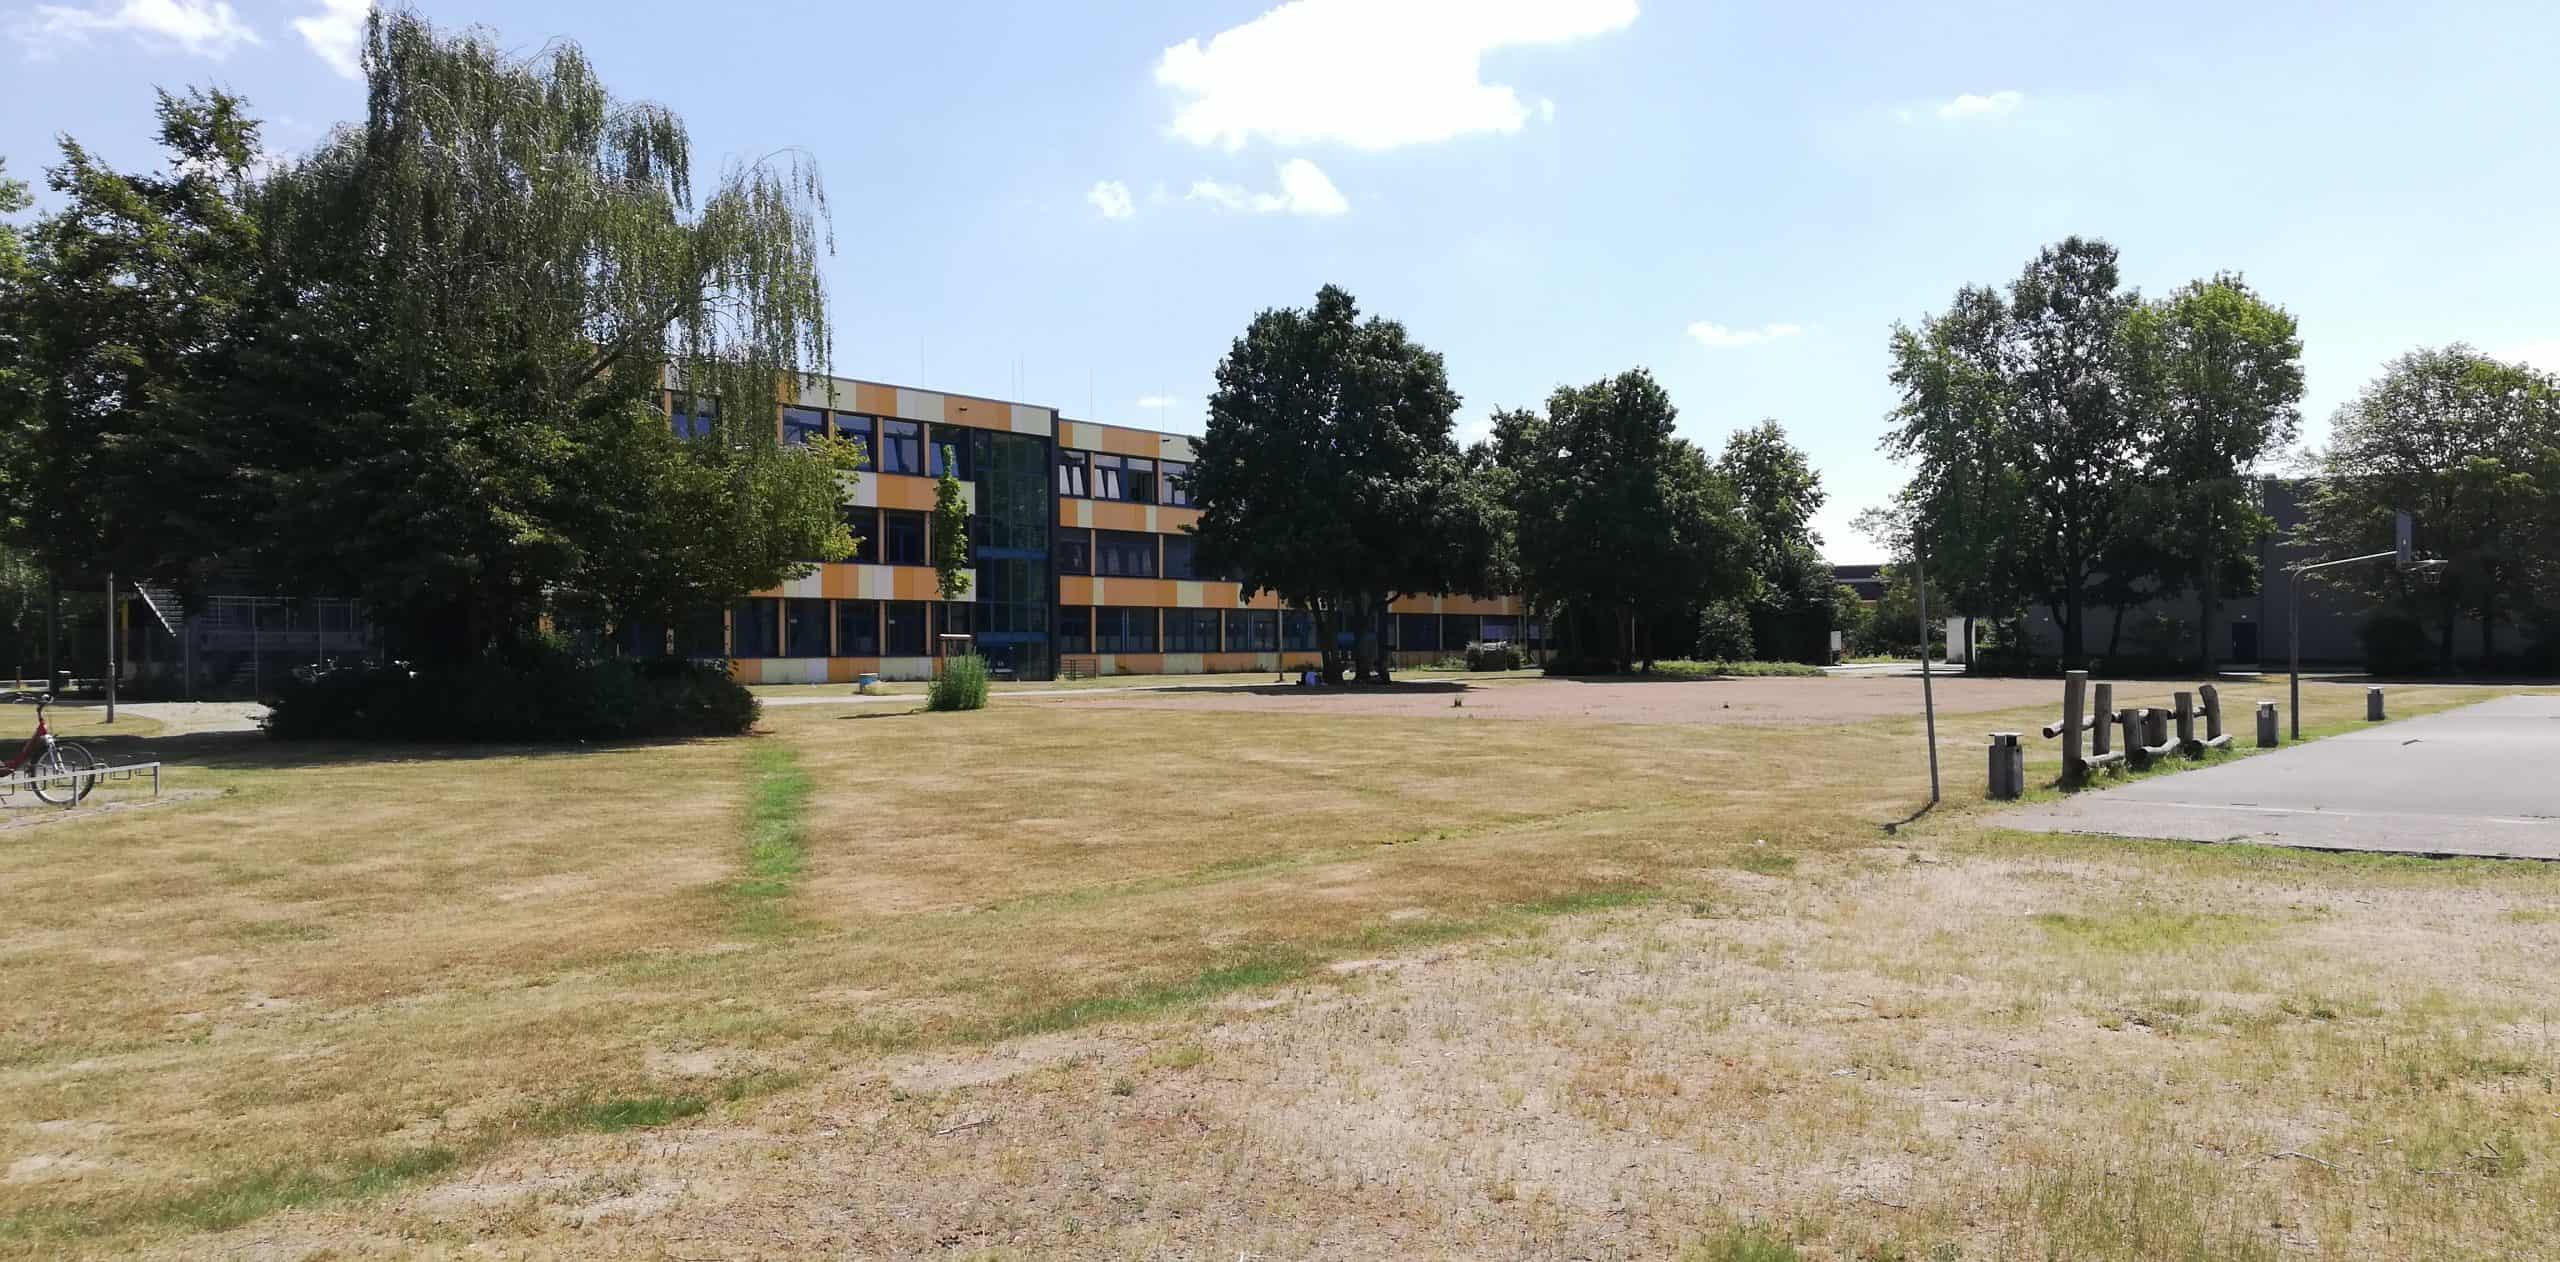 Das Bild zeigt das Gymnasium in Voerde-Friedrichsfeld